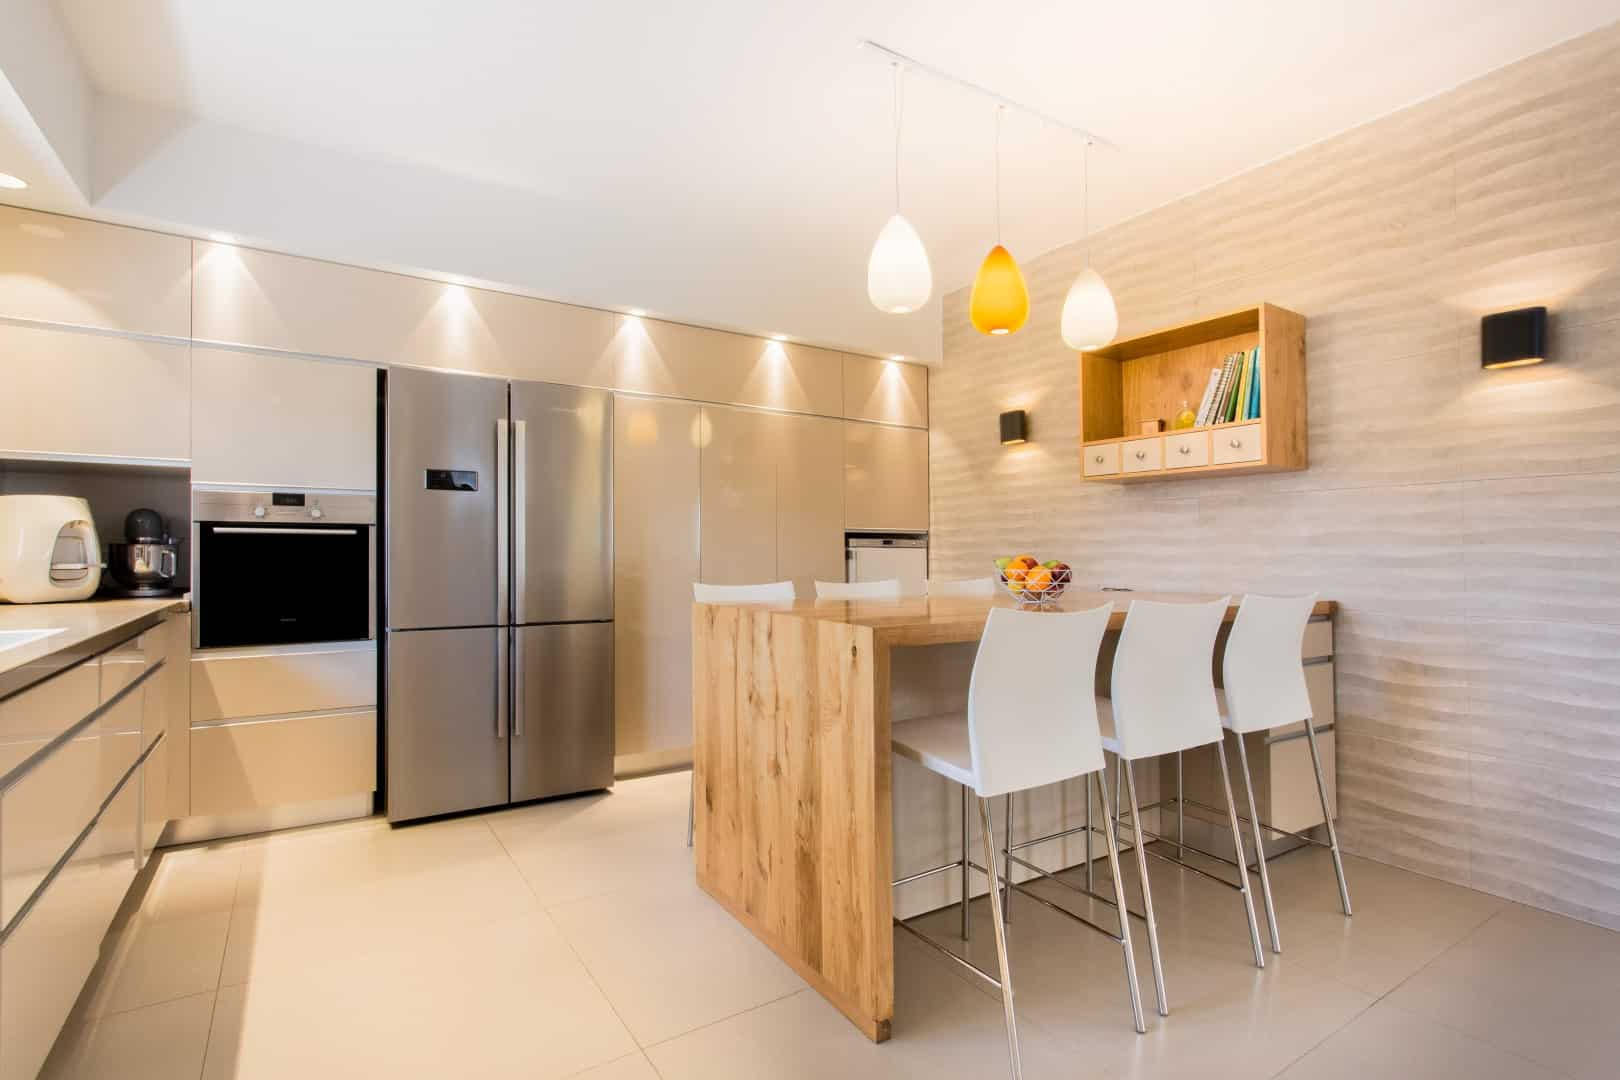 שירותי הסטודיו ענבל קרקו מעצבת פנים במרכז, עיצוב פנים של דירות או בתים המיועדים לשיפוץ. ענבל קרקו עיצוב פנים ופנג שואי